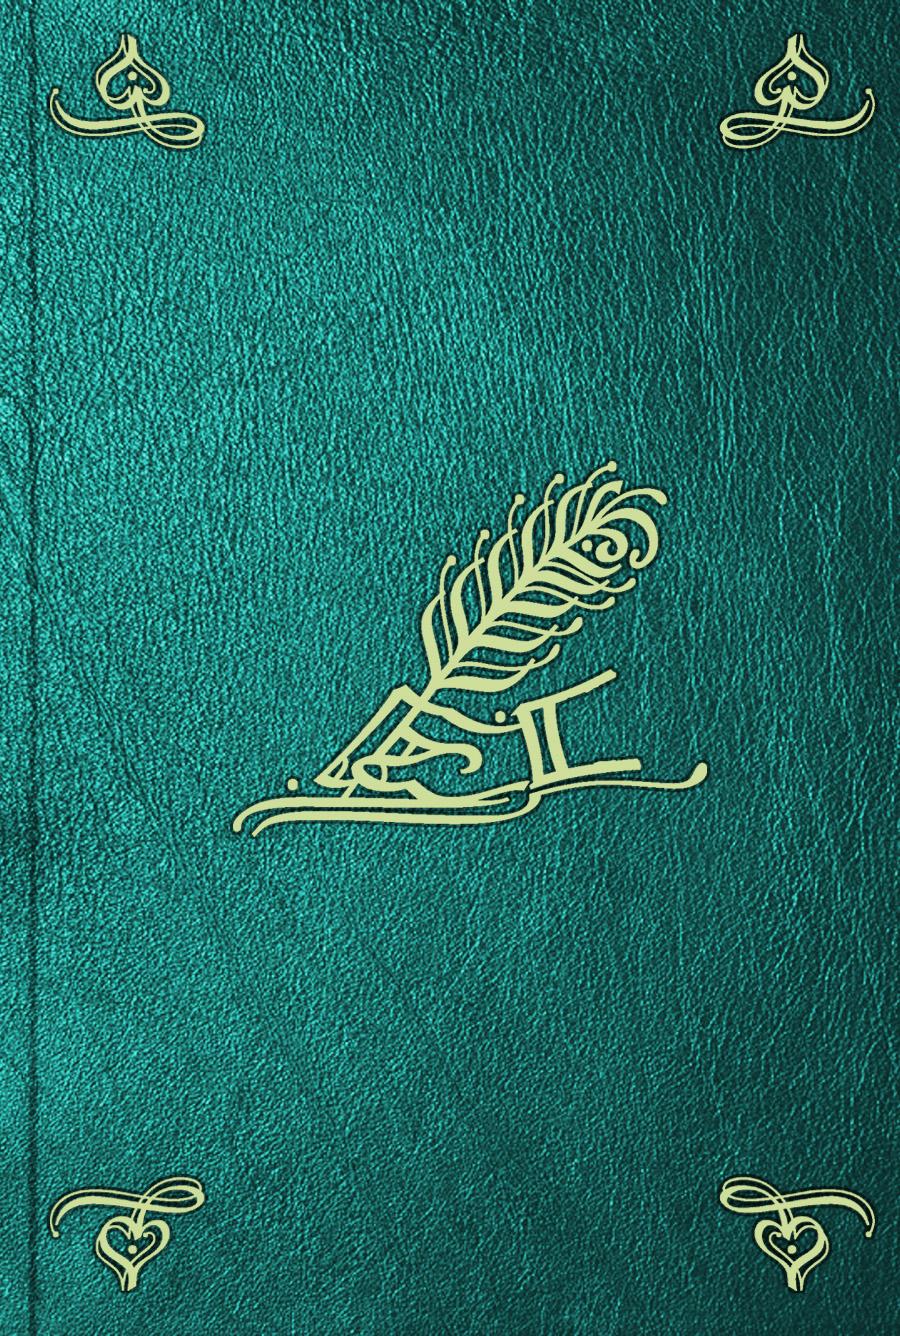 Louis de Sainte-Croix Histoire de la conspiration du 10 aout 1792 sports gym arm band case for iphone 4 4s ipod touch 4 black grey